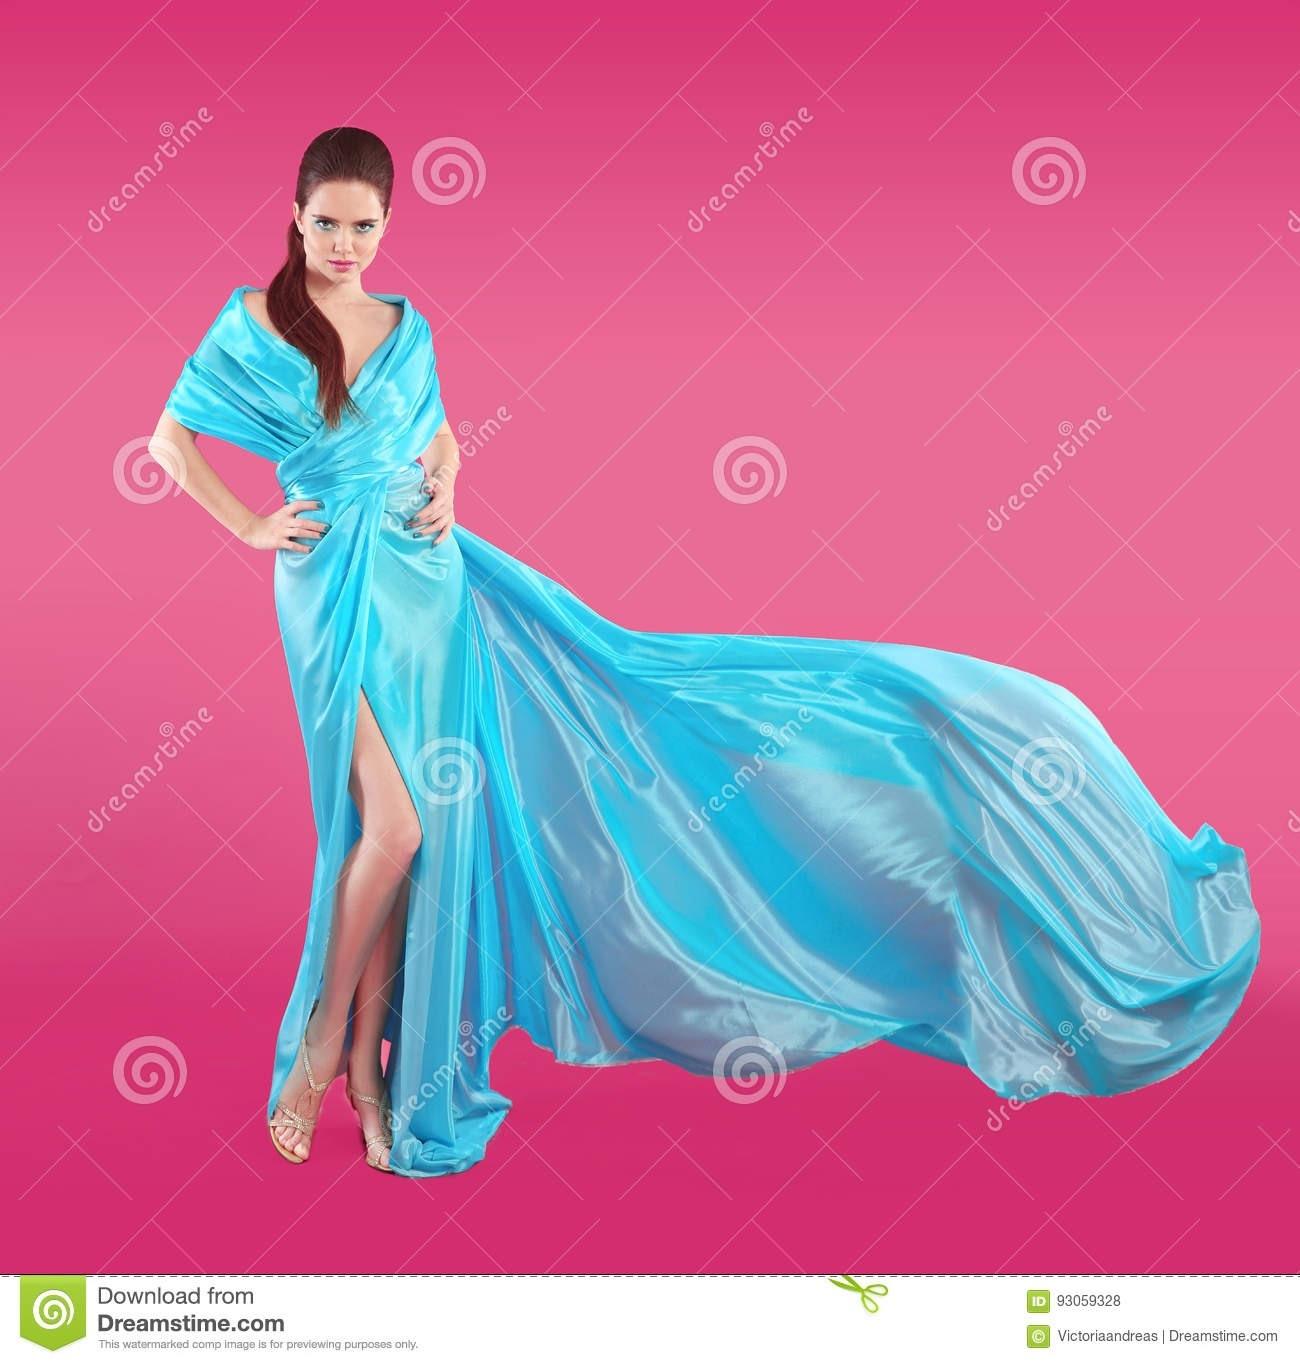 17 Cool Schönes Blaues Kleid BoutiqueFormal Elegant Schönes Blaues Kleid Ärmel